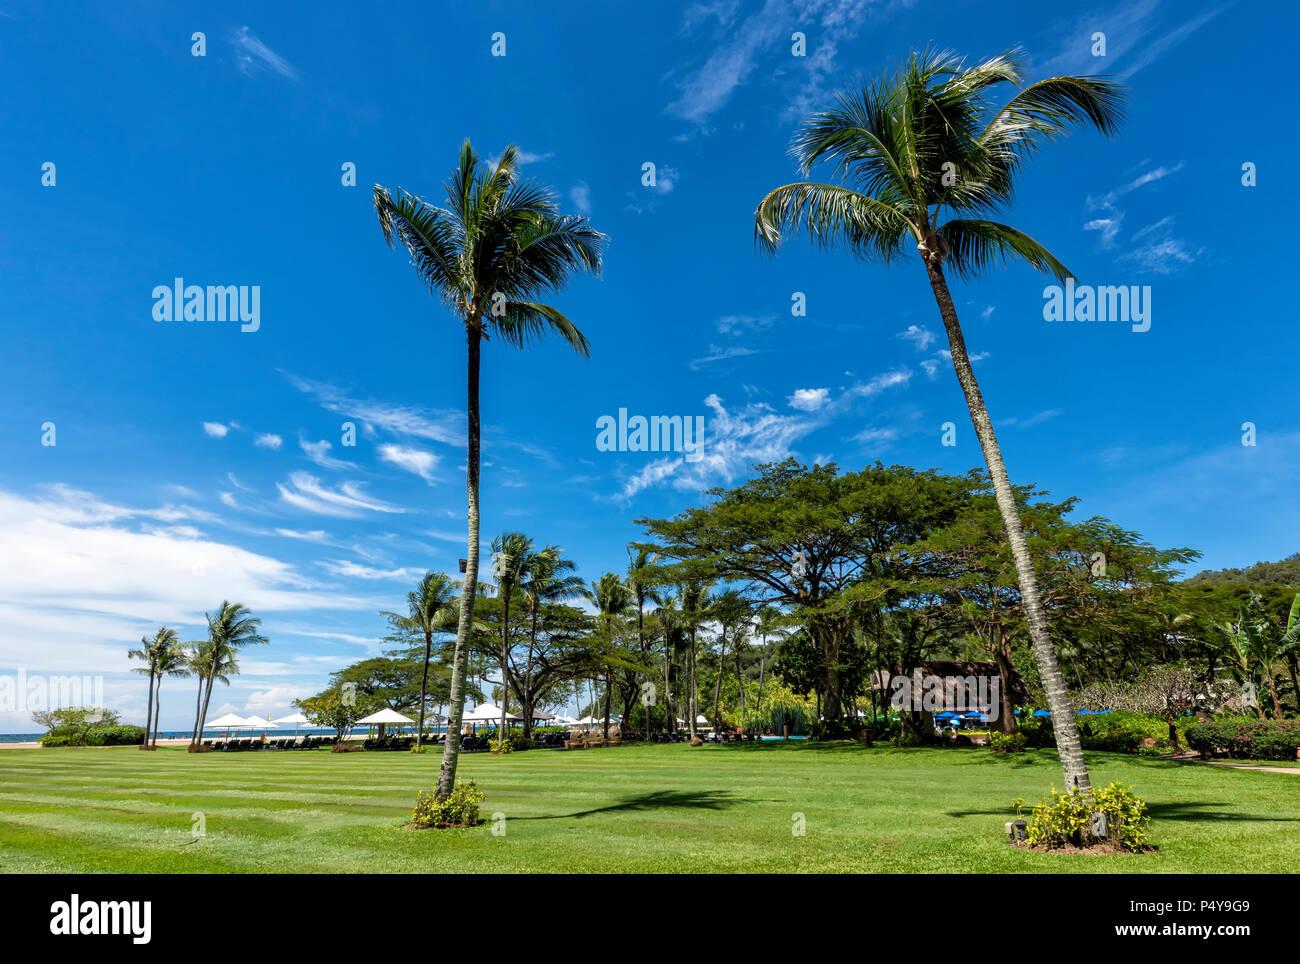 Palm Trees against a blue sky à Kota Kinabalu sur Bornéo, Malaisie Banque D'Images